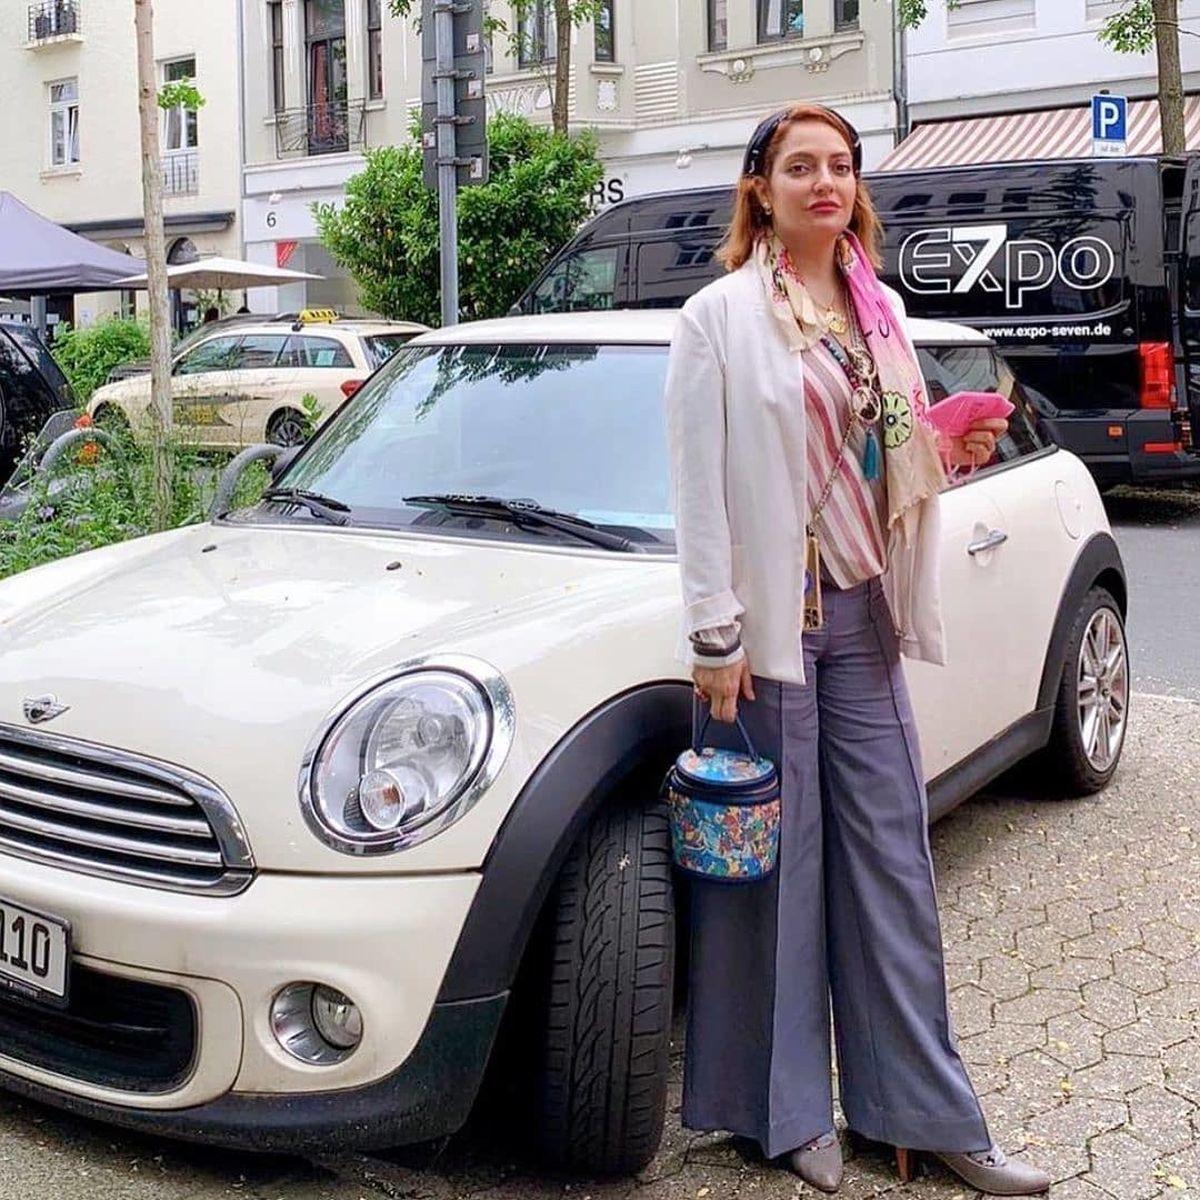 مهناز افشار در سوئد مدل تبلیغات شد! + عکس